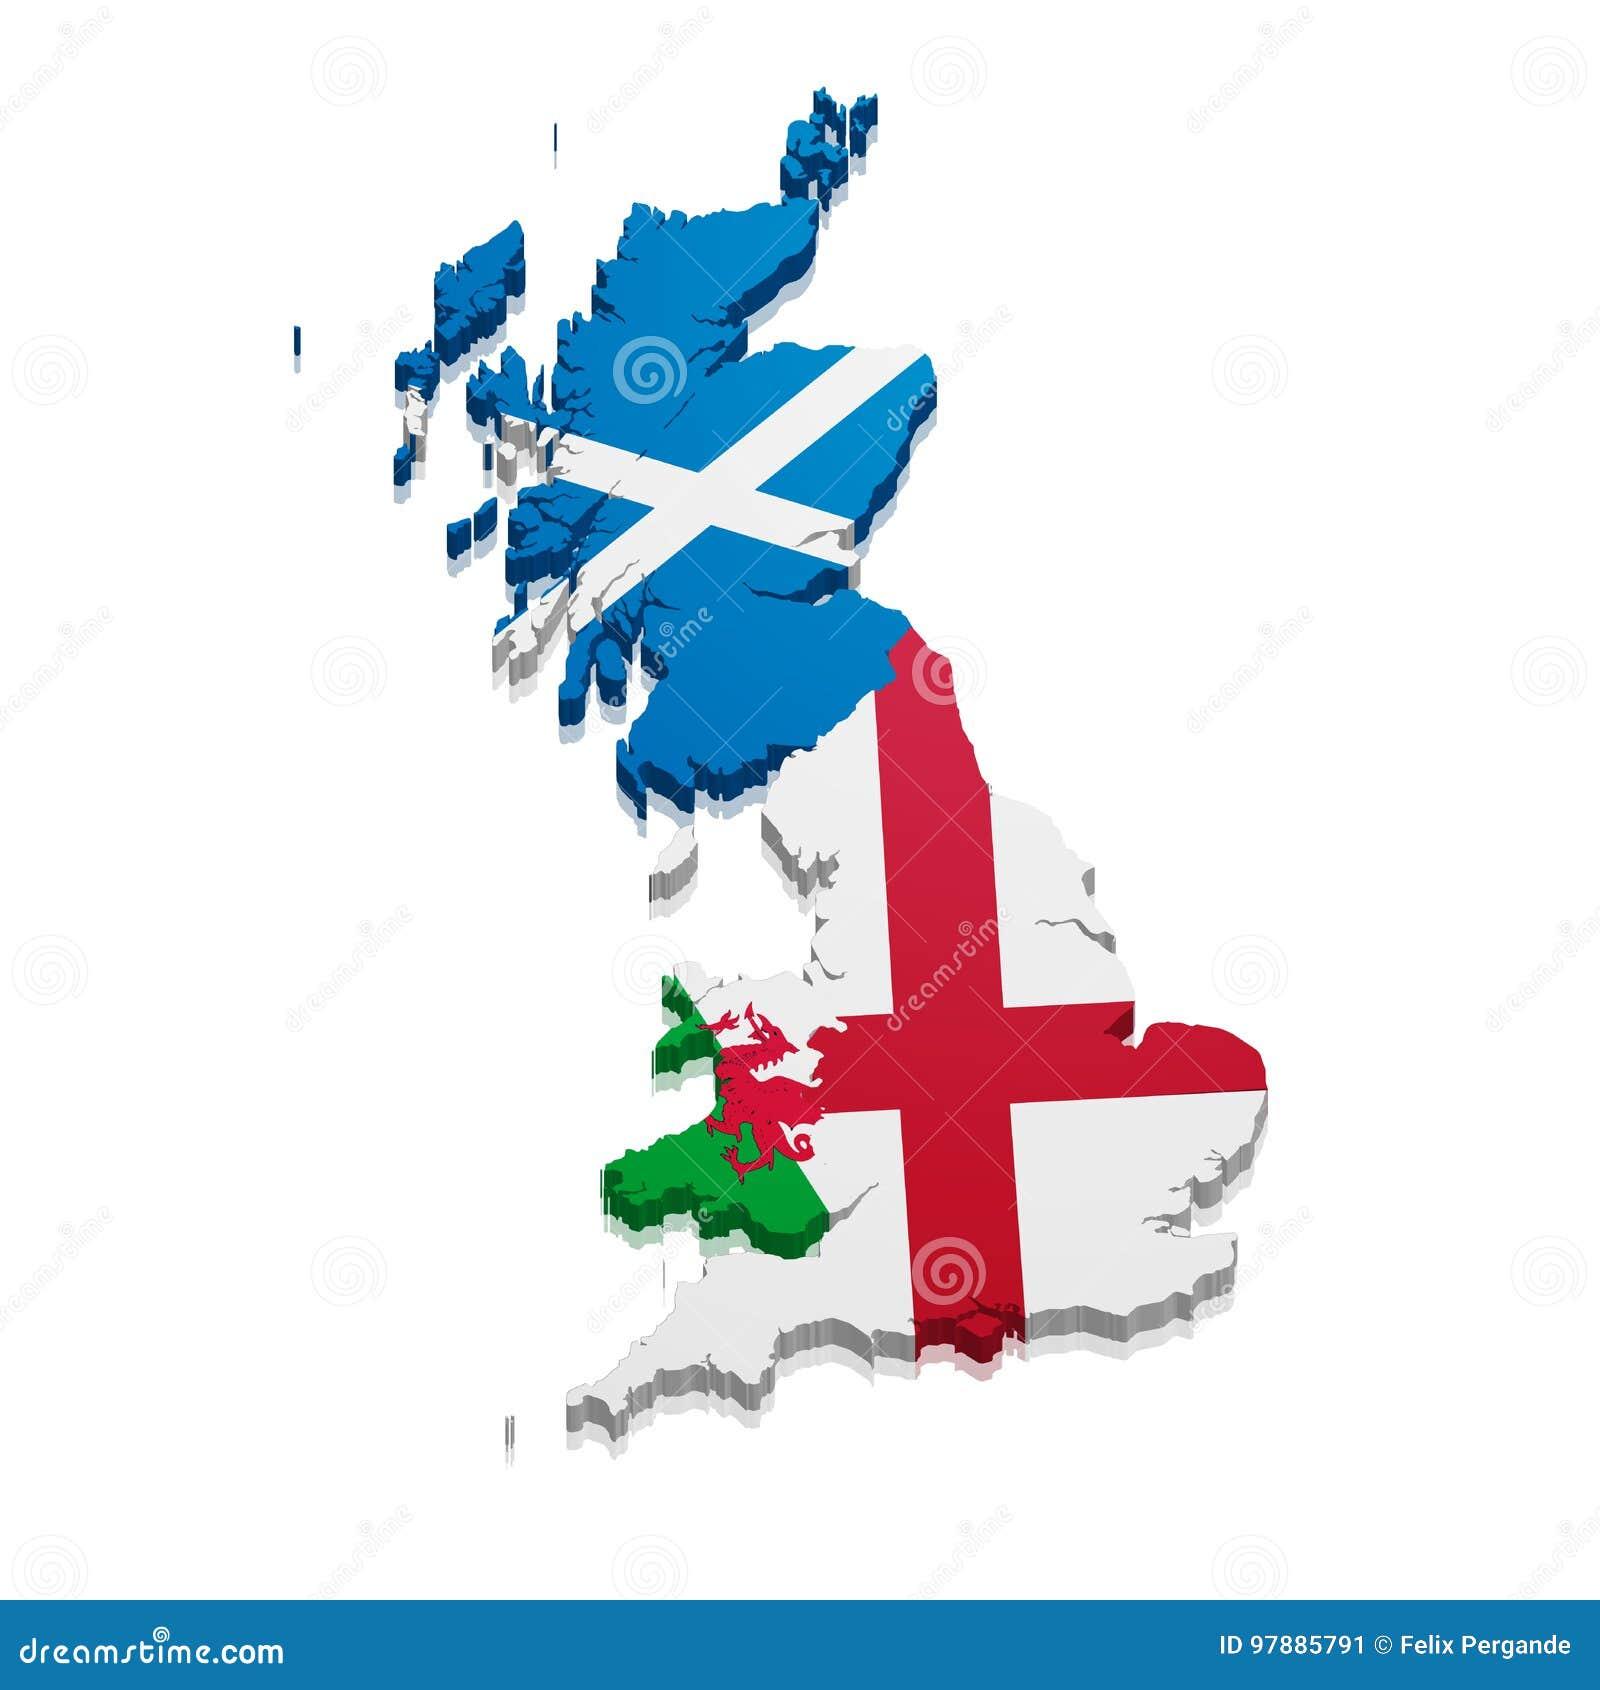 Carte Angleterre Ecosse.Carte Angleterre Ecosse Pays De Galles Illustration Stock